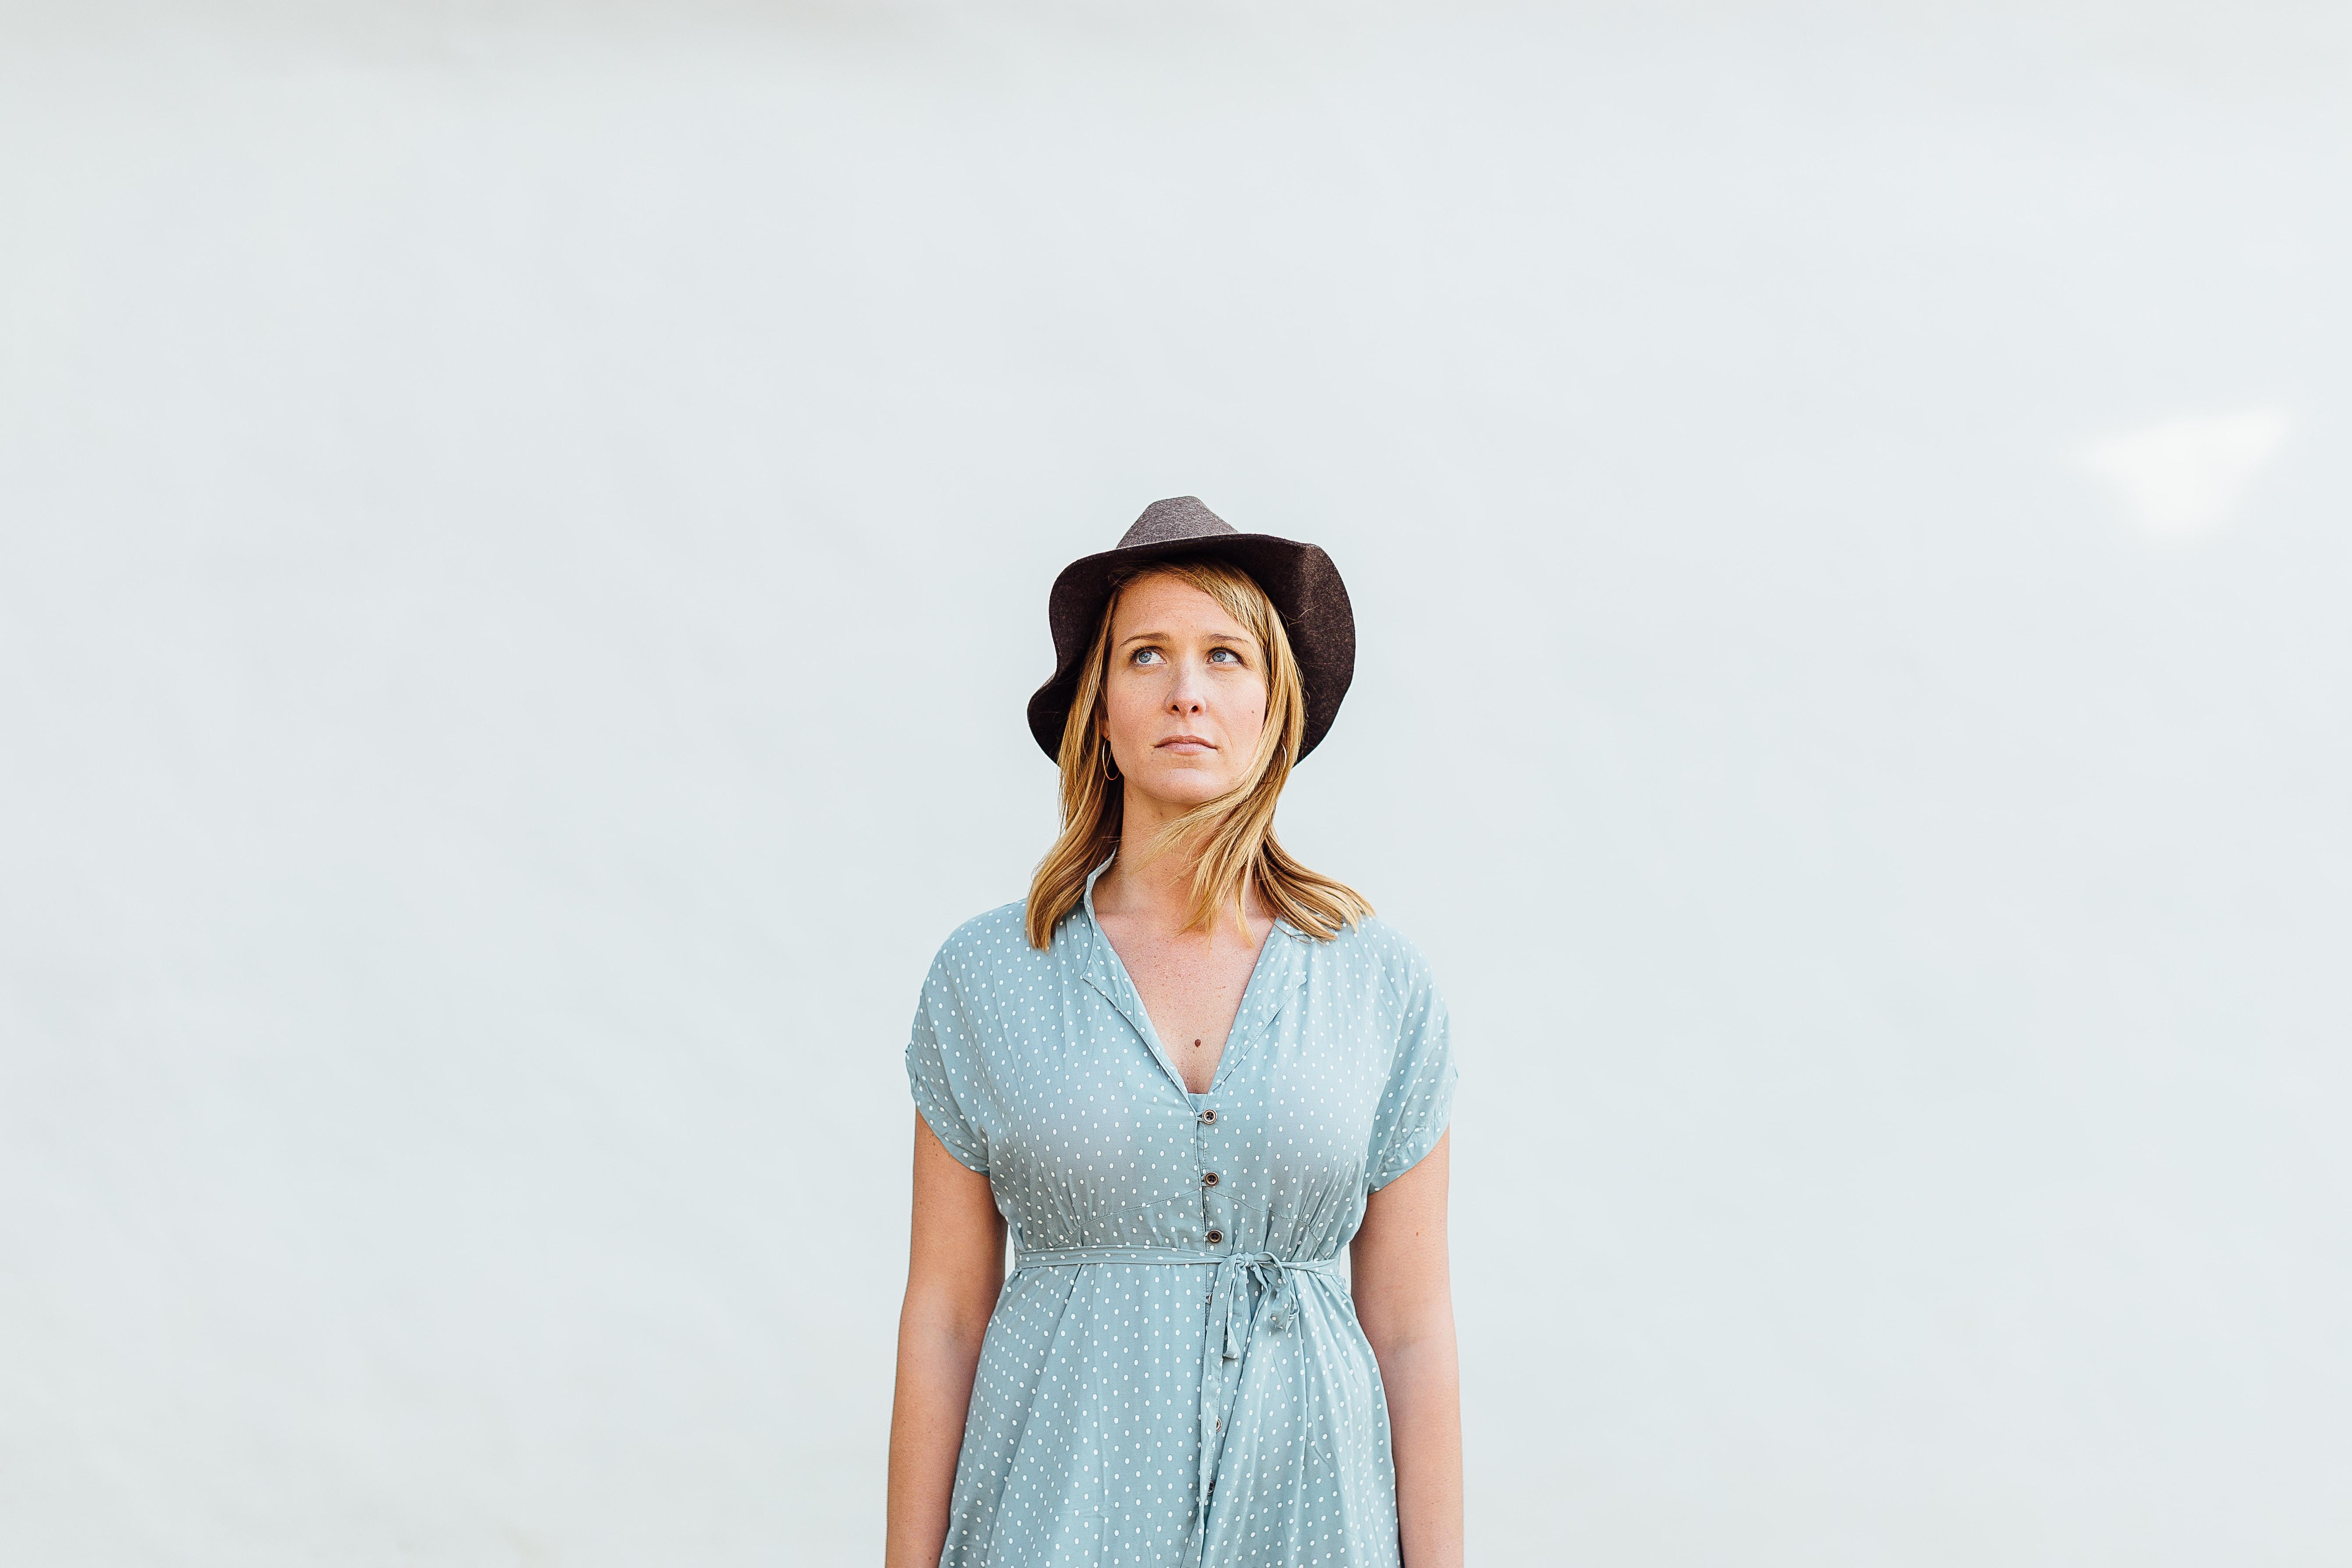 women's blue short-sleeved top